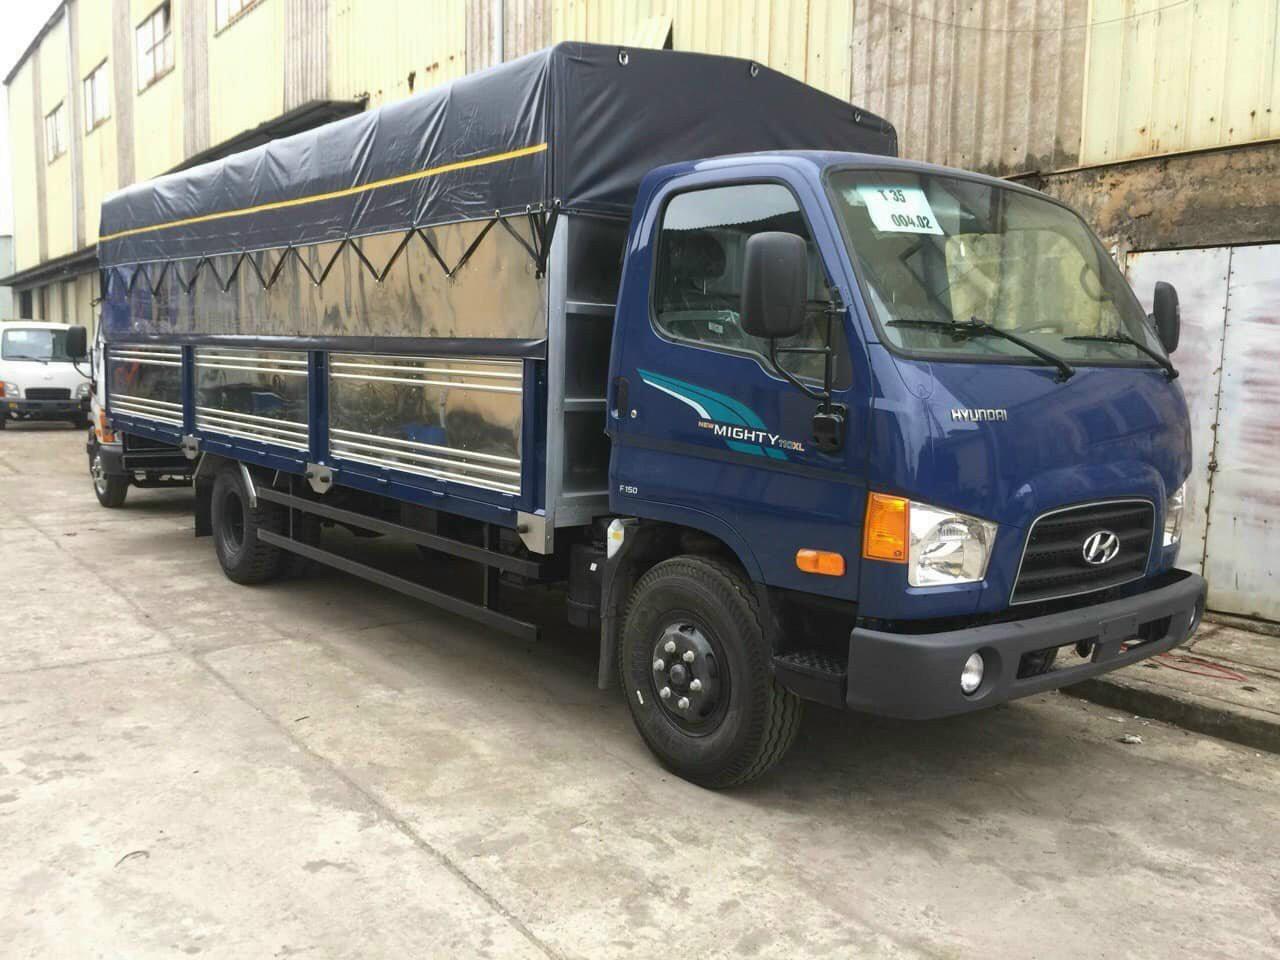 Bán xe tải Hyundai 110XL tại Tuyên Quang